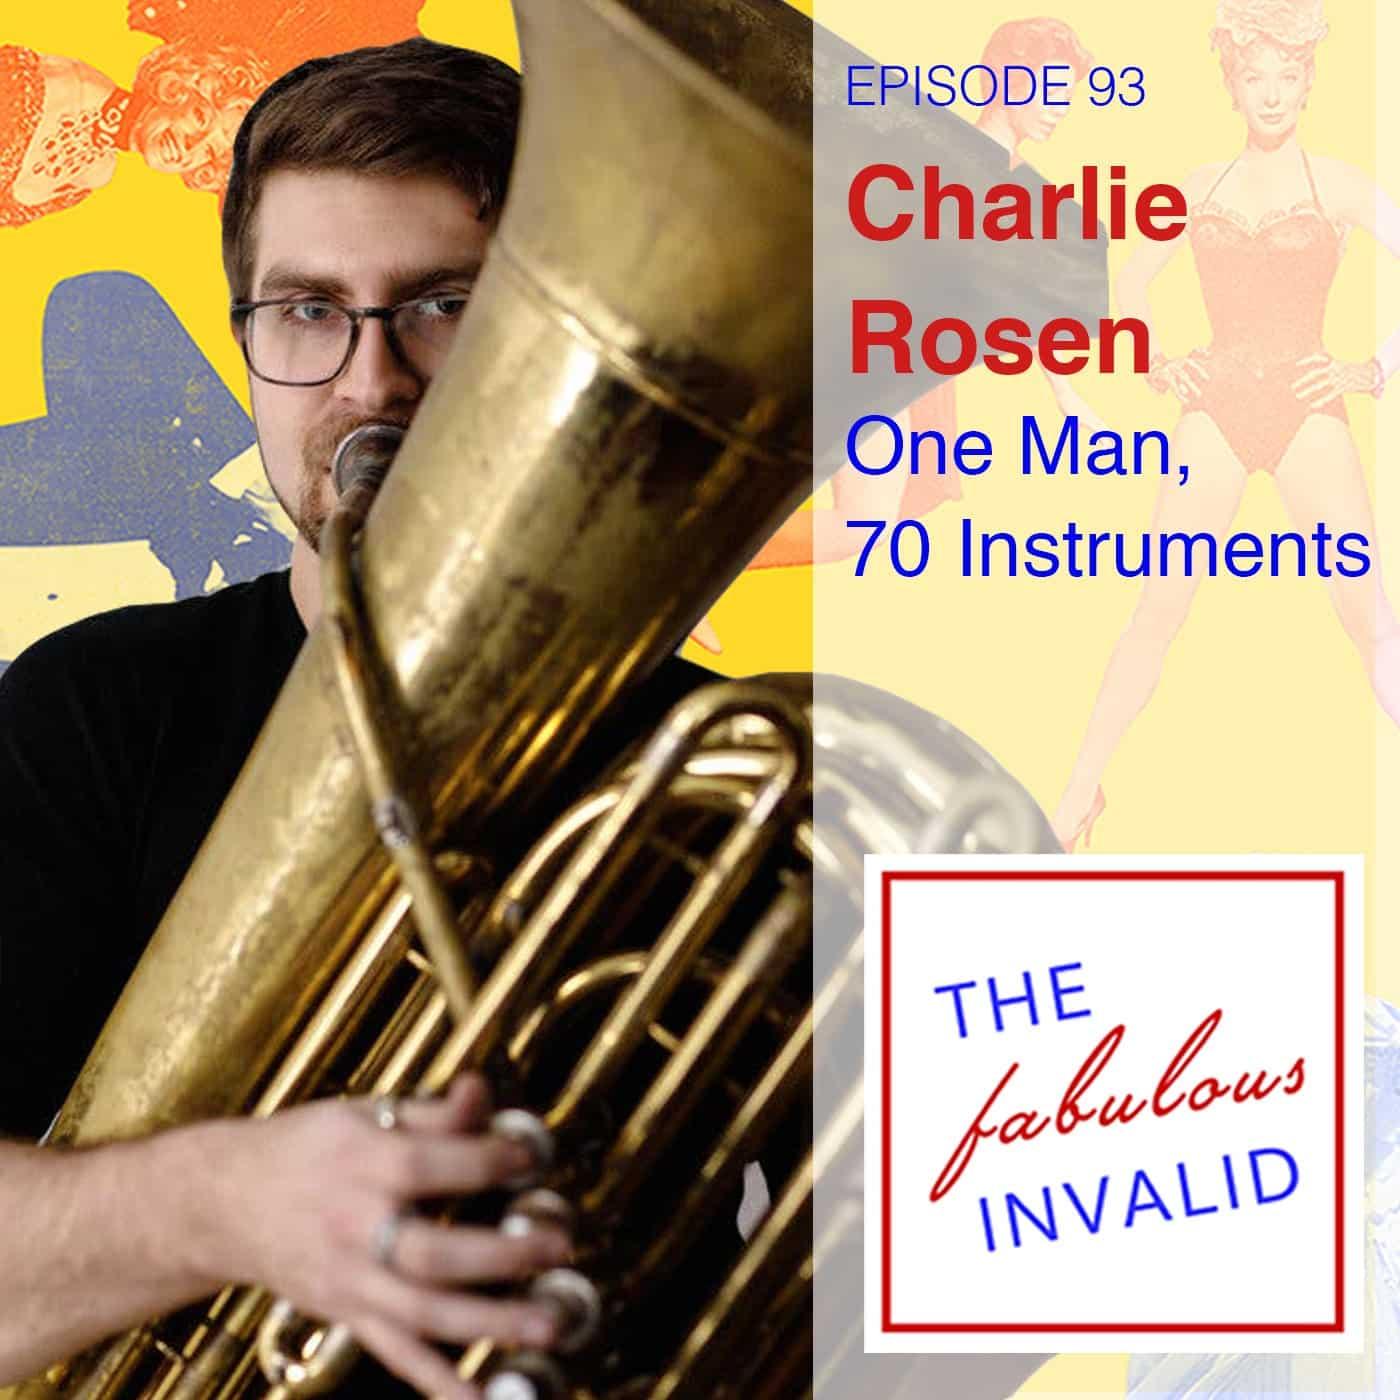 Episode 93: Charlie Rosen: One Man, 70 Instruments